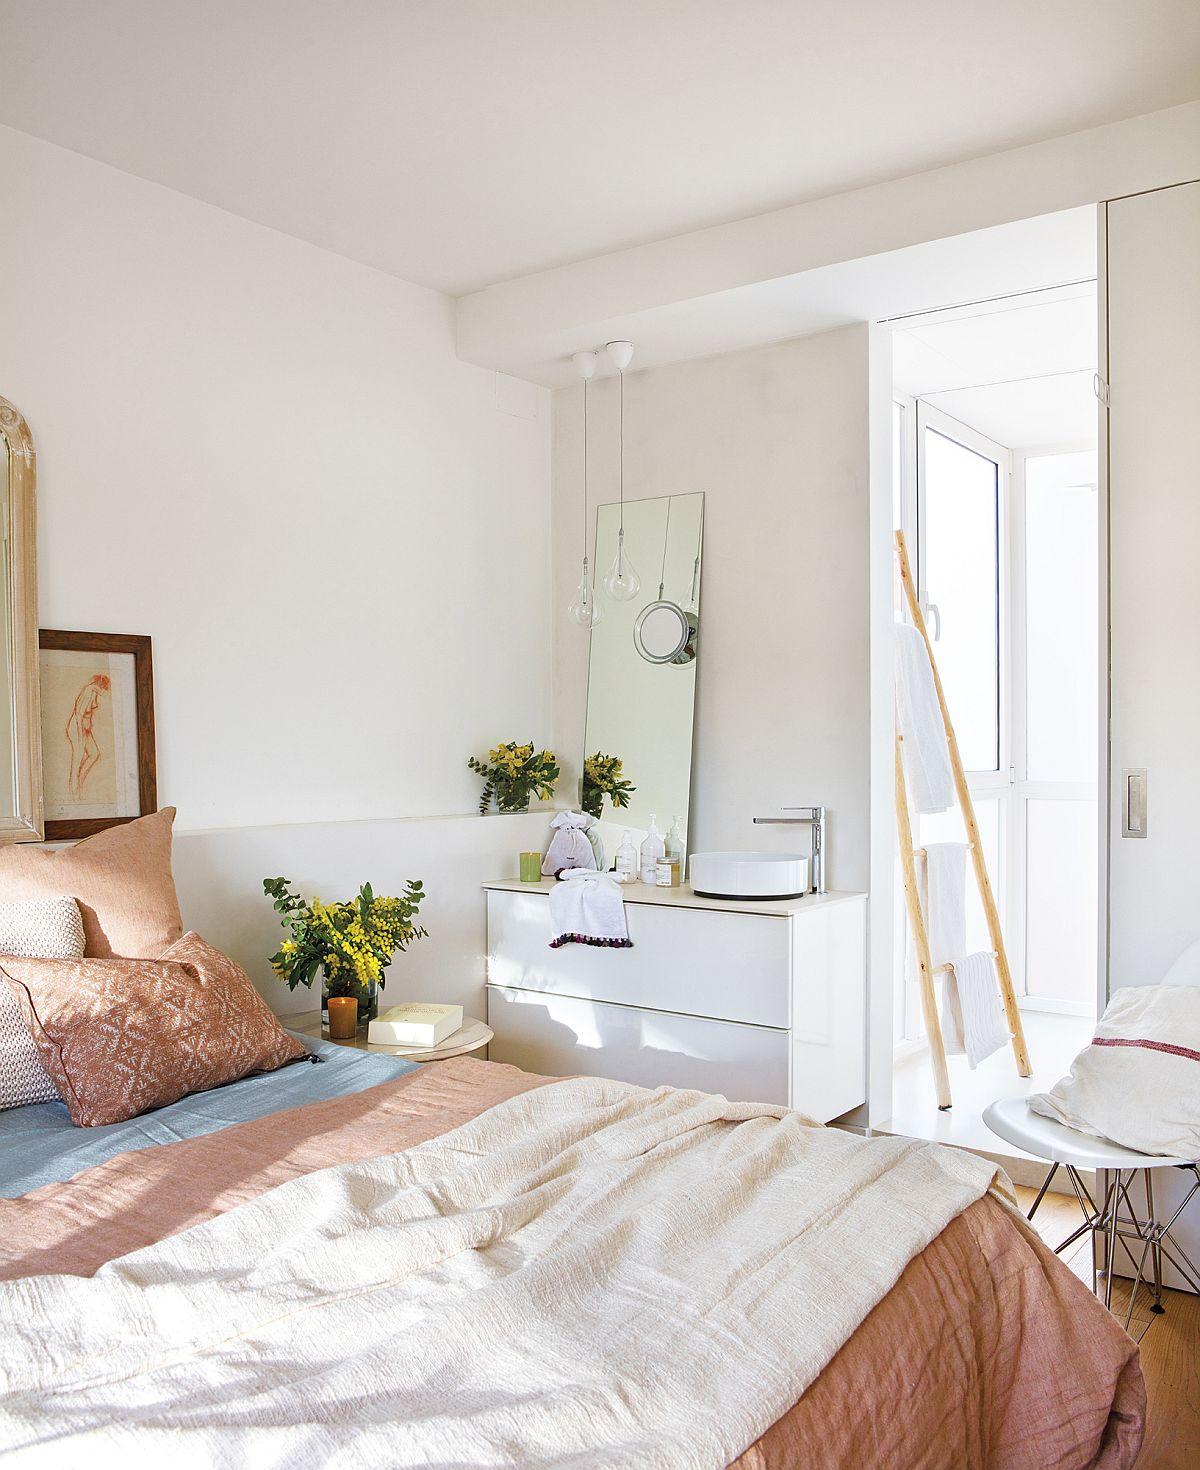 În dormitor se ajunge printr-un mic culoare aflat între duș și toaletă. În camera de odihnă este prezent locul de lavoar pentru ca spațiul a fost modificat în urma mutării scării interioare, iar această varianta a fost optimă pentru a câștiga mai mult loc, inclusiv pentur un dulap situat de partea opusă lavoarului.